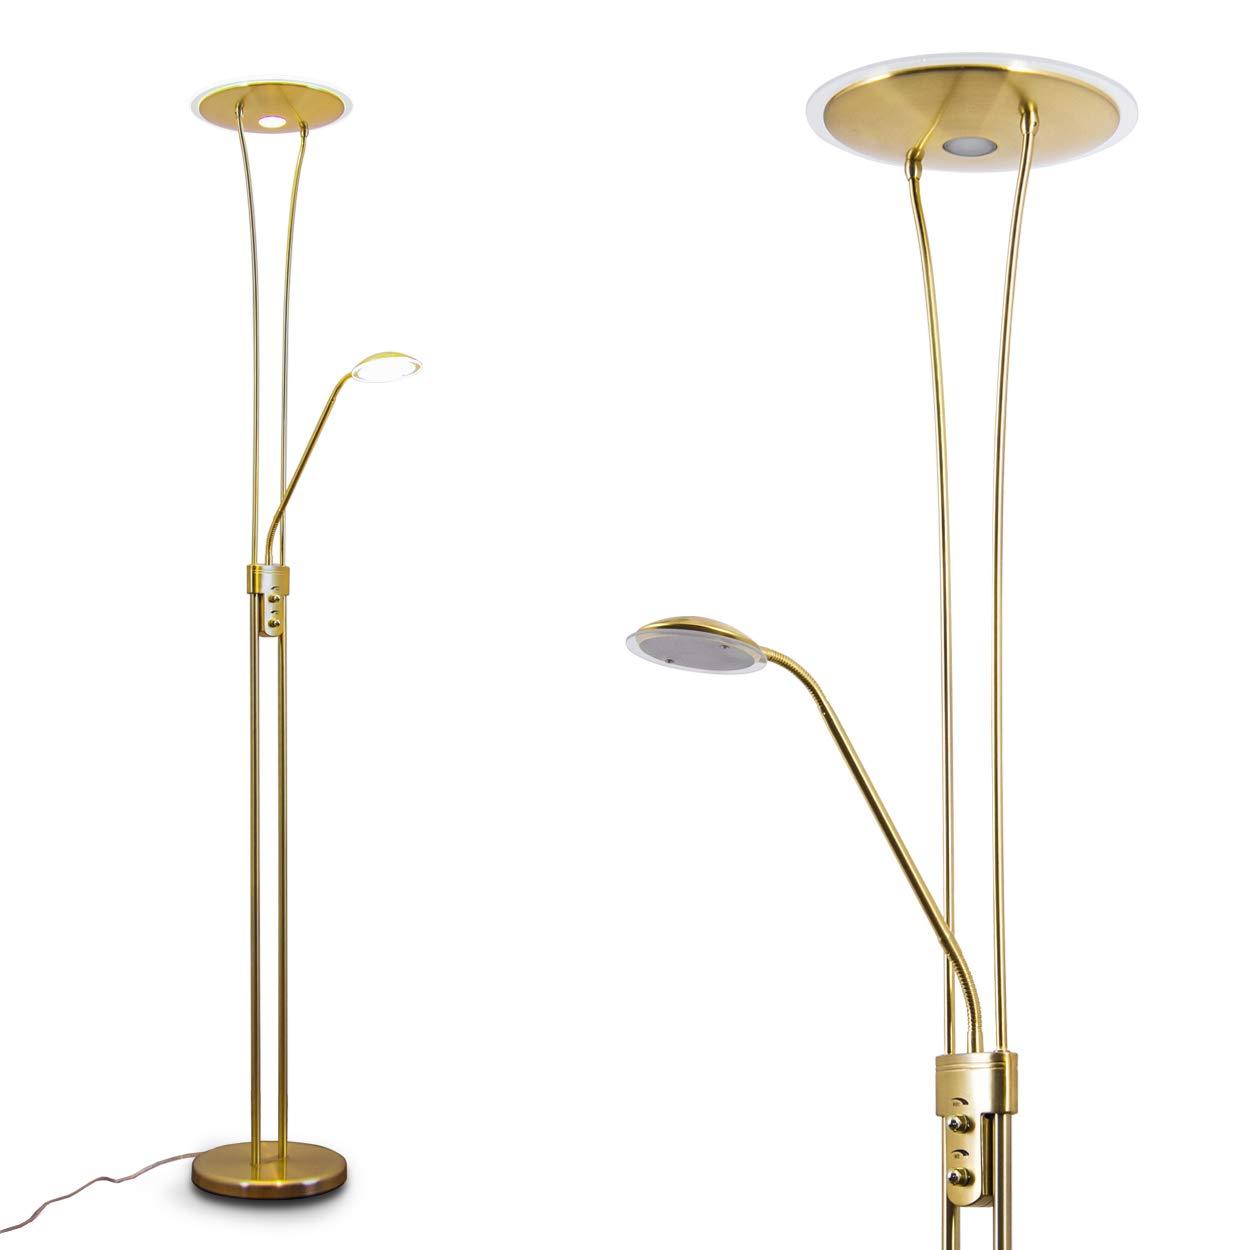 LED Deckenfluter Marana nickel 1 x 18 Watt - 1620 Lumen und 1 x 5 Watt 450 Lumen 3.000 Kelvin warmweiss hofstein H166124